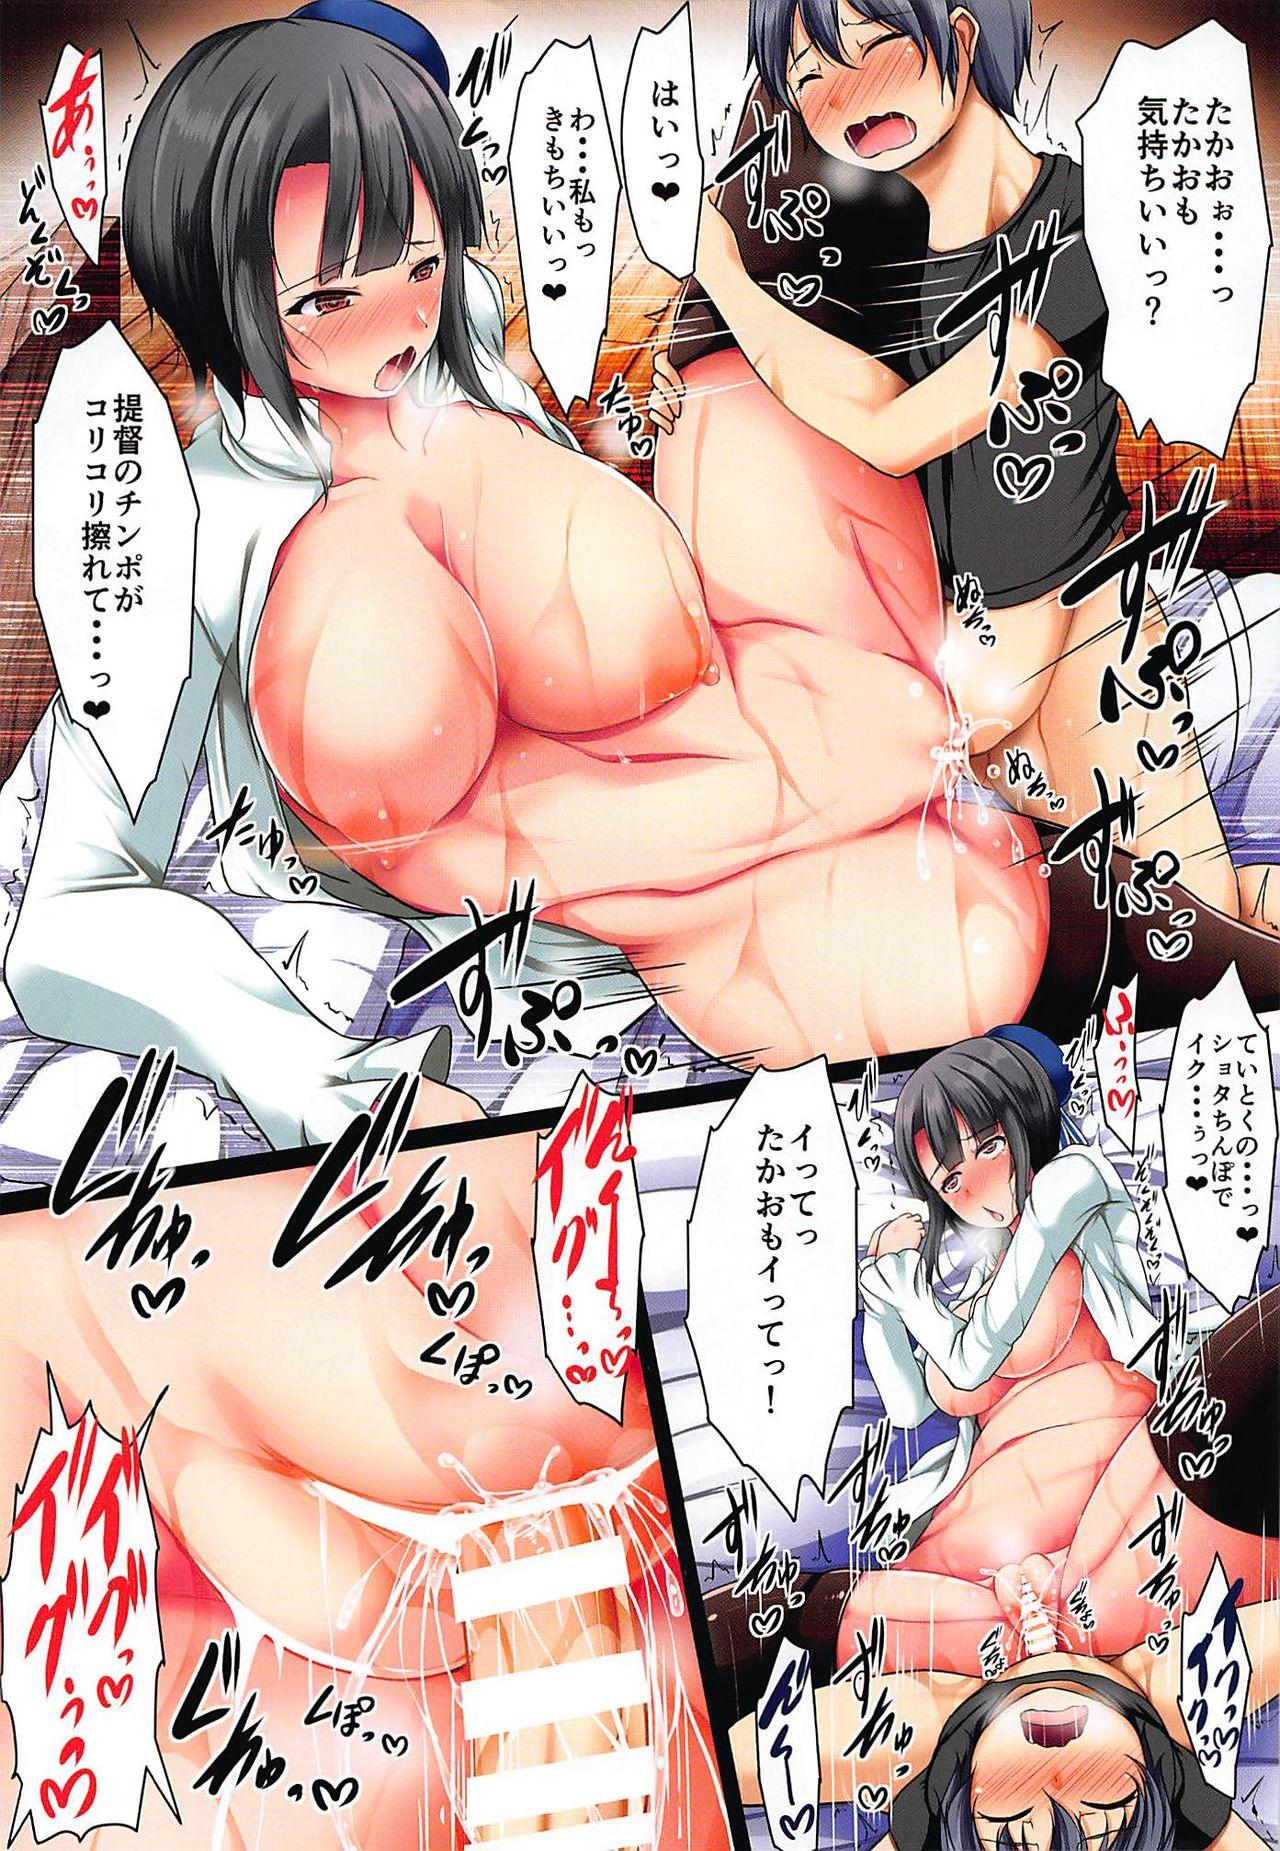 Shotakao 13